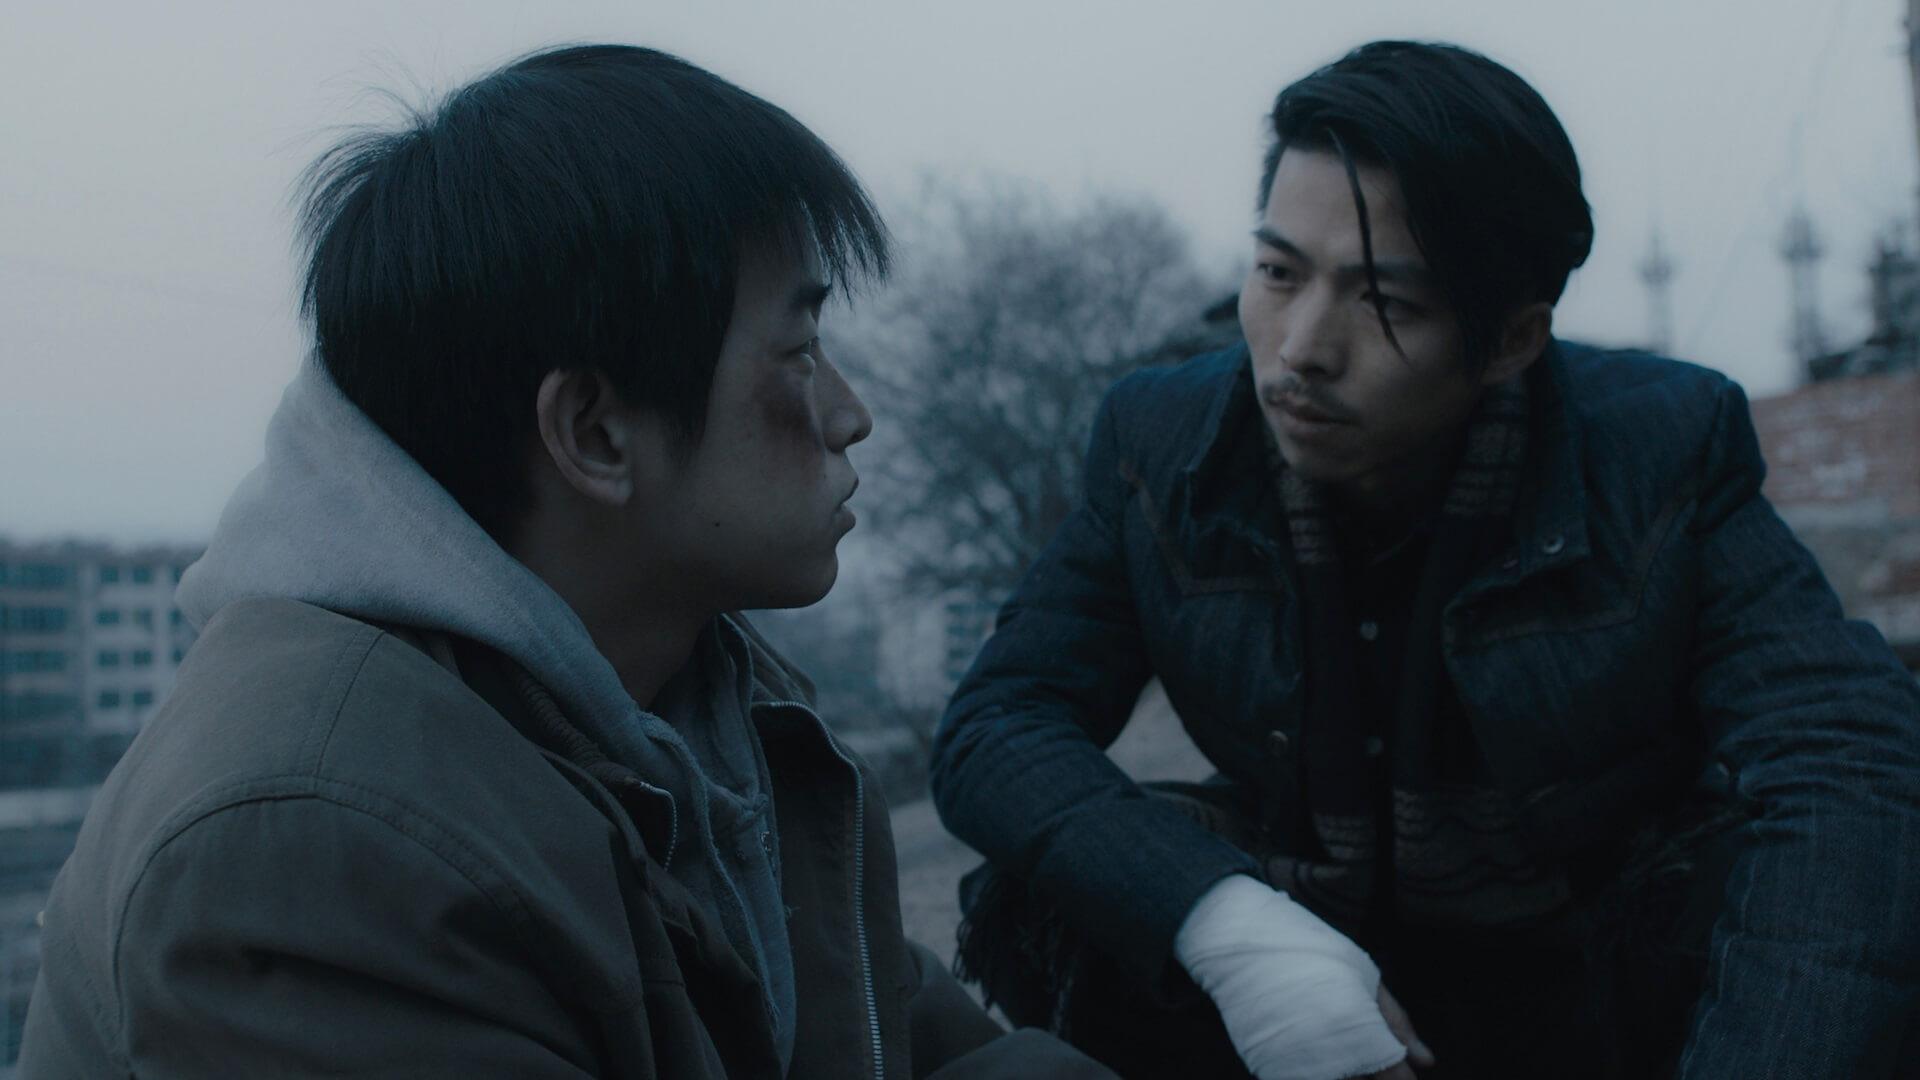 Peng Yuchang and Zhang Yu in Hu Bo's An Elephant Sitting Still (2018)